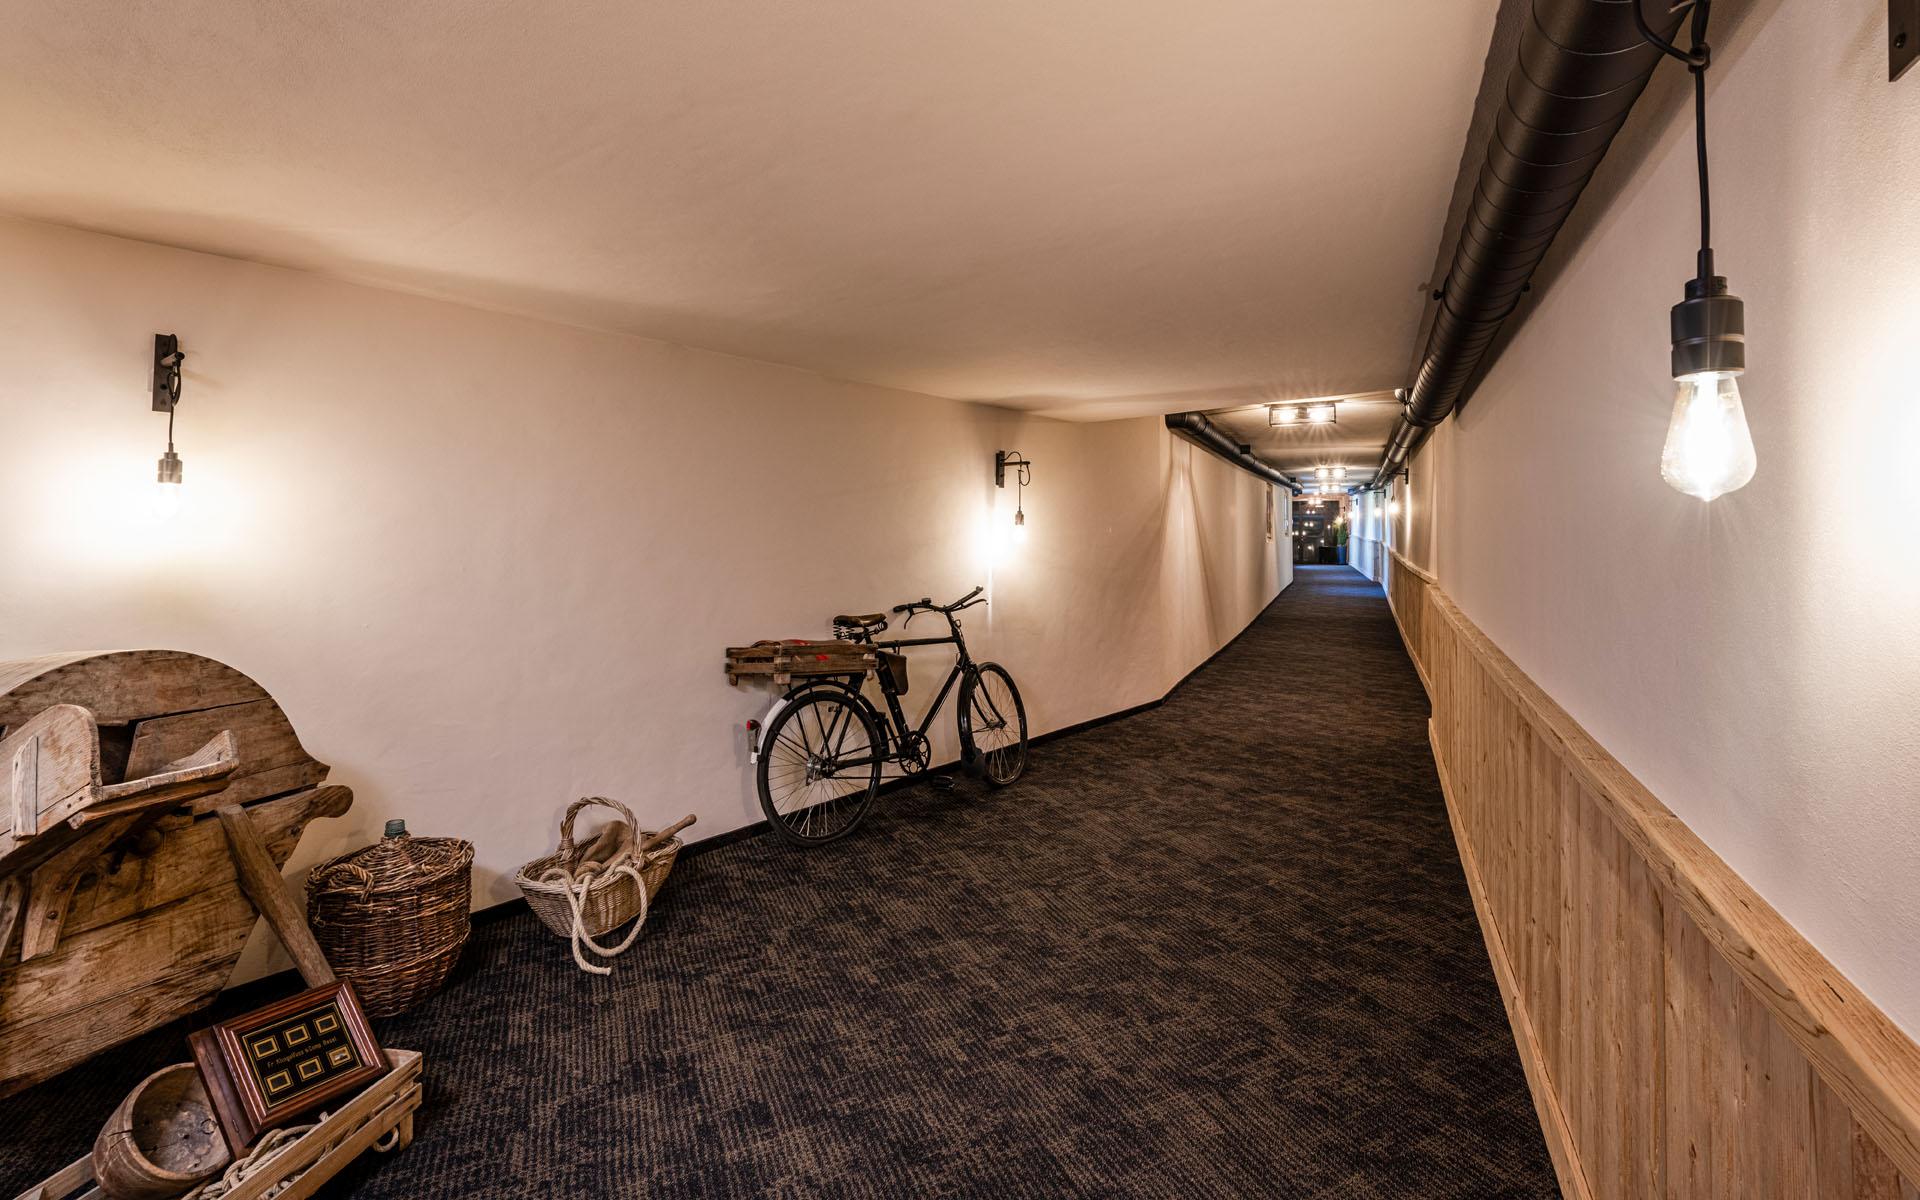 https://fsw-kreatektur.ch/wp-content/uploads/Fsw-Kreatektur-Architektur-Umbau-Hotel-Hornberg-Saanenmoeser-Korridor-Spa.jpg